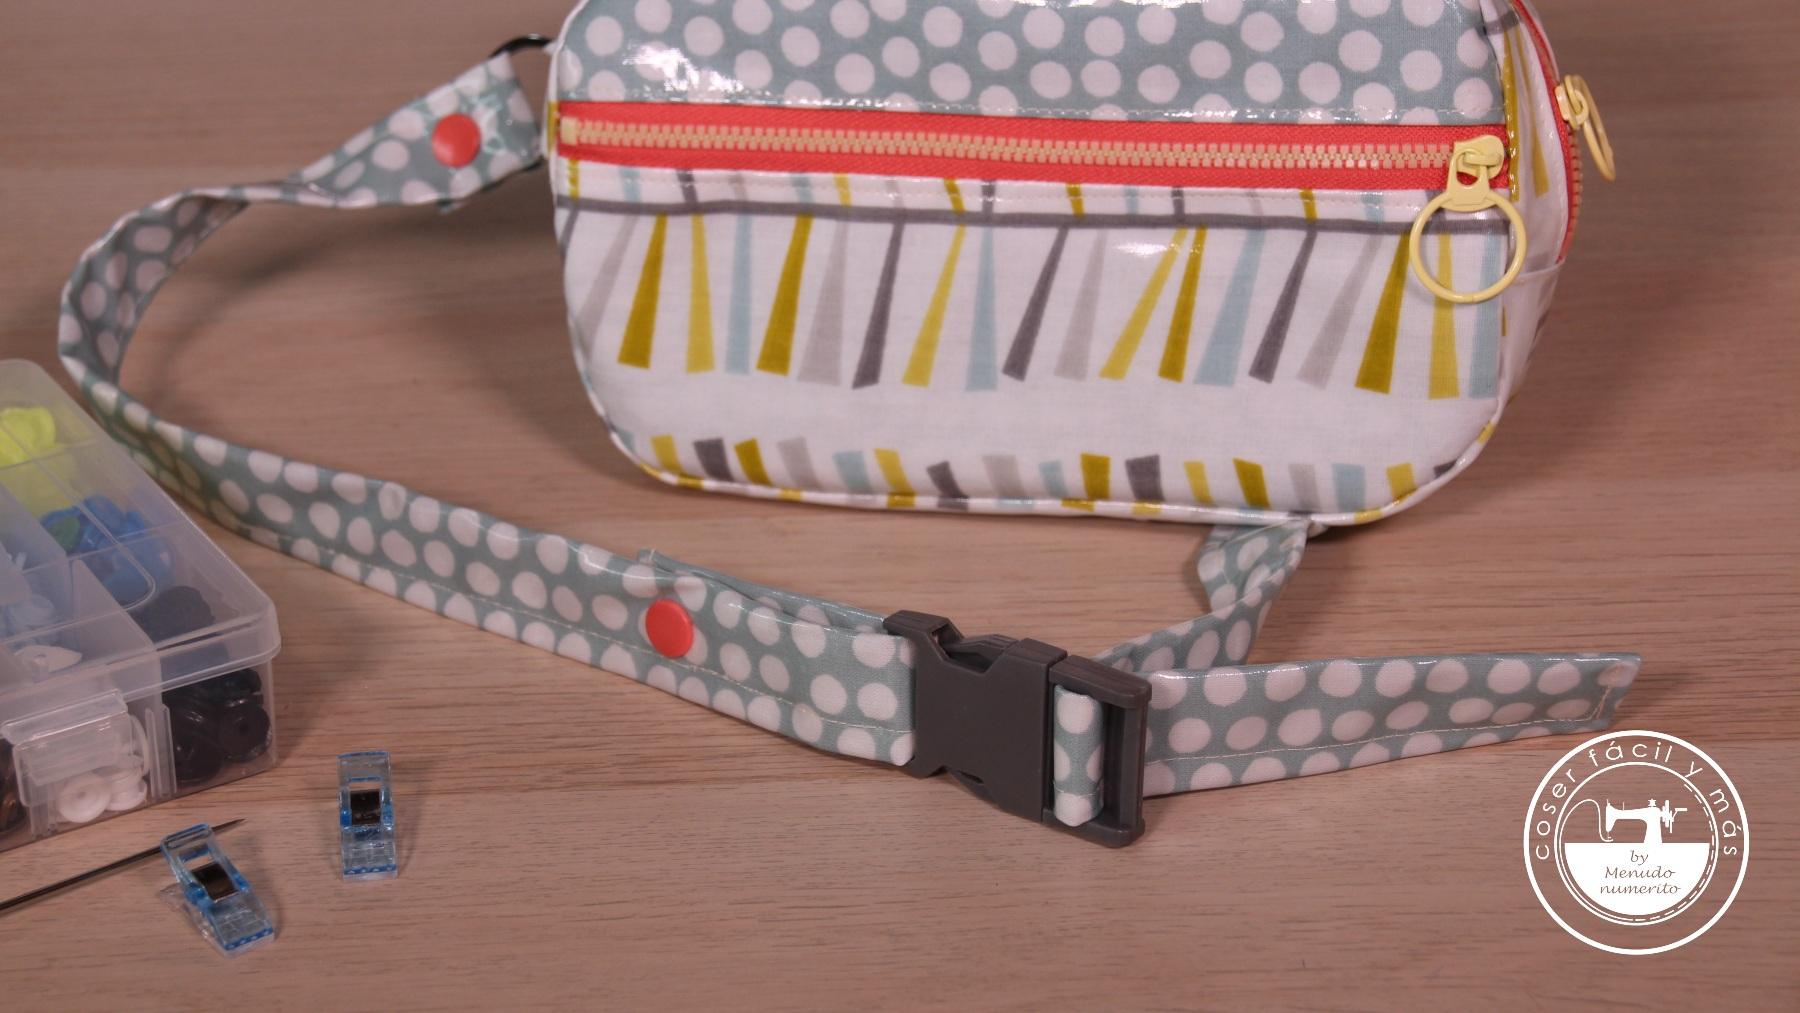 cierre mochila riñonera menudo numerito blogs de costura